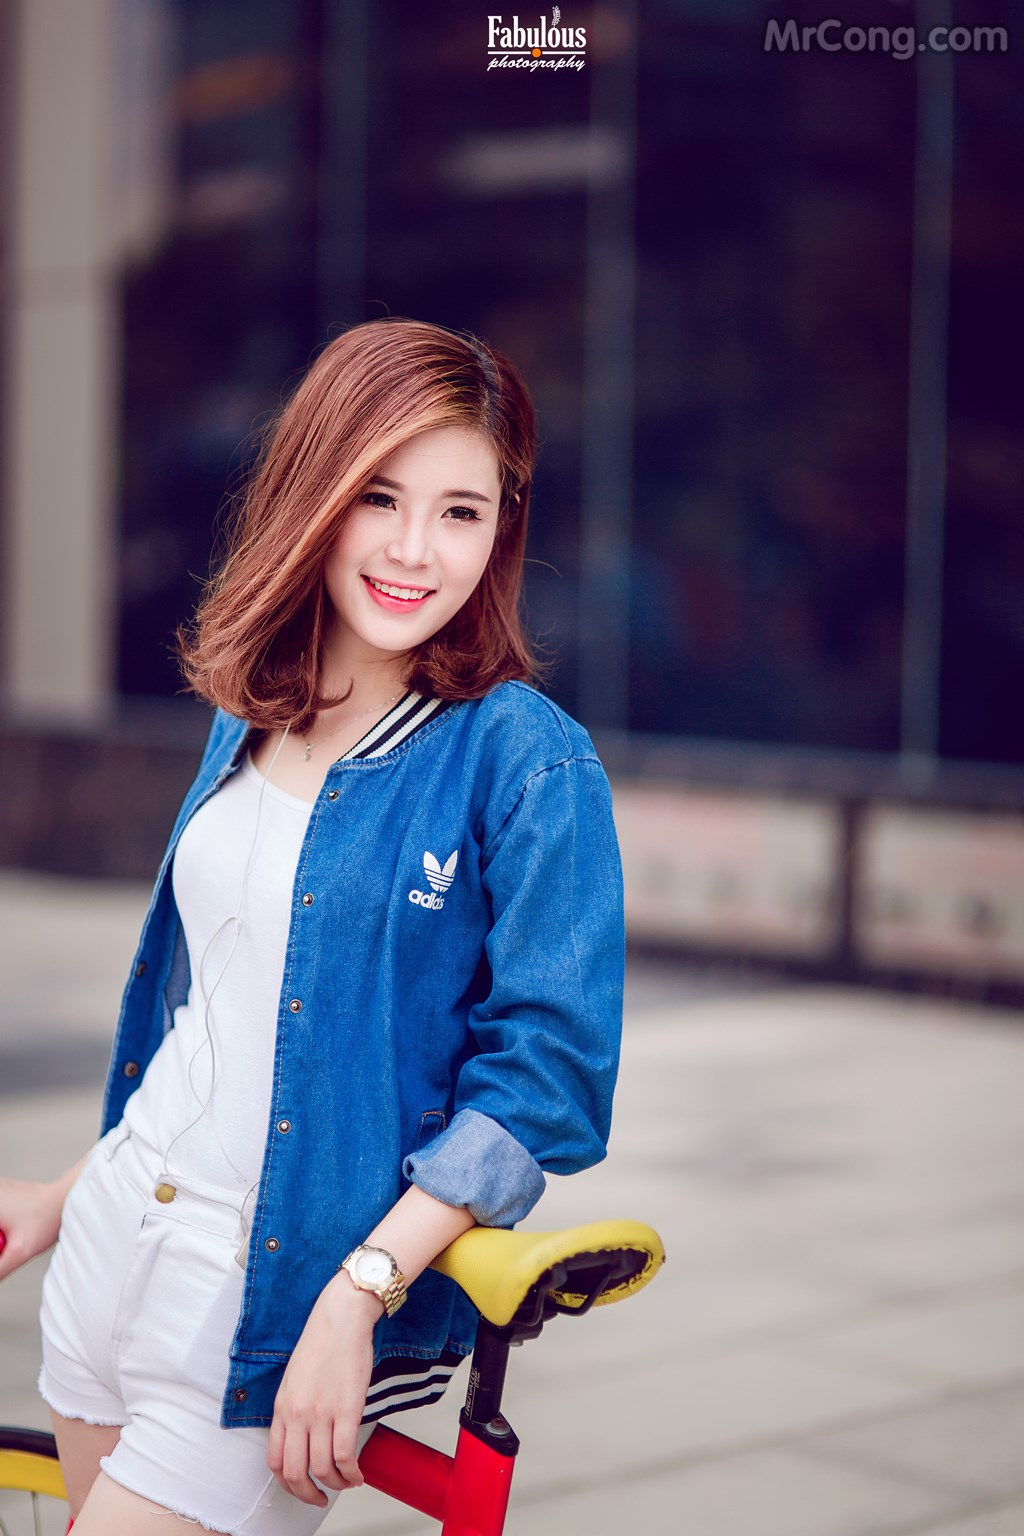 Image Girl-Xinh-Viet-Nam-by-Khanh-Hoang-MrCong.com-002 in post Tổng hợp ảnh girl xinh Việt Nam chất lượng cao – Phần 29 (314 ảnh)